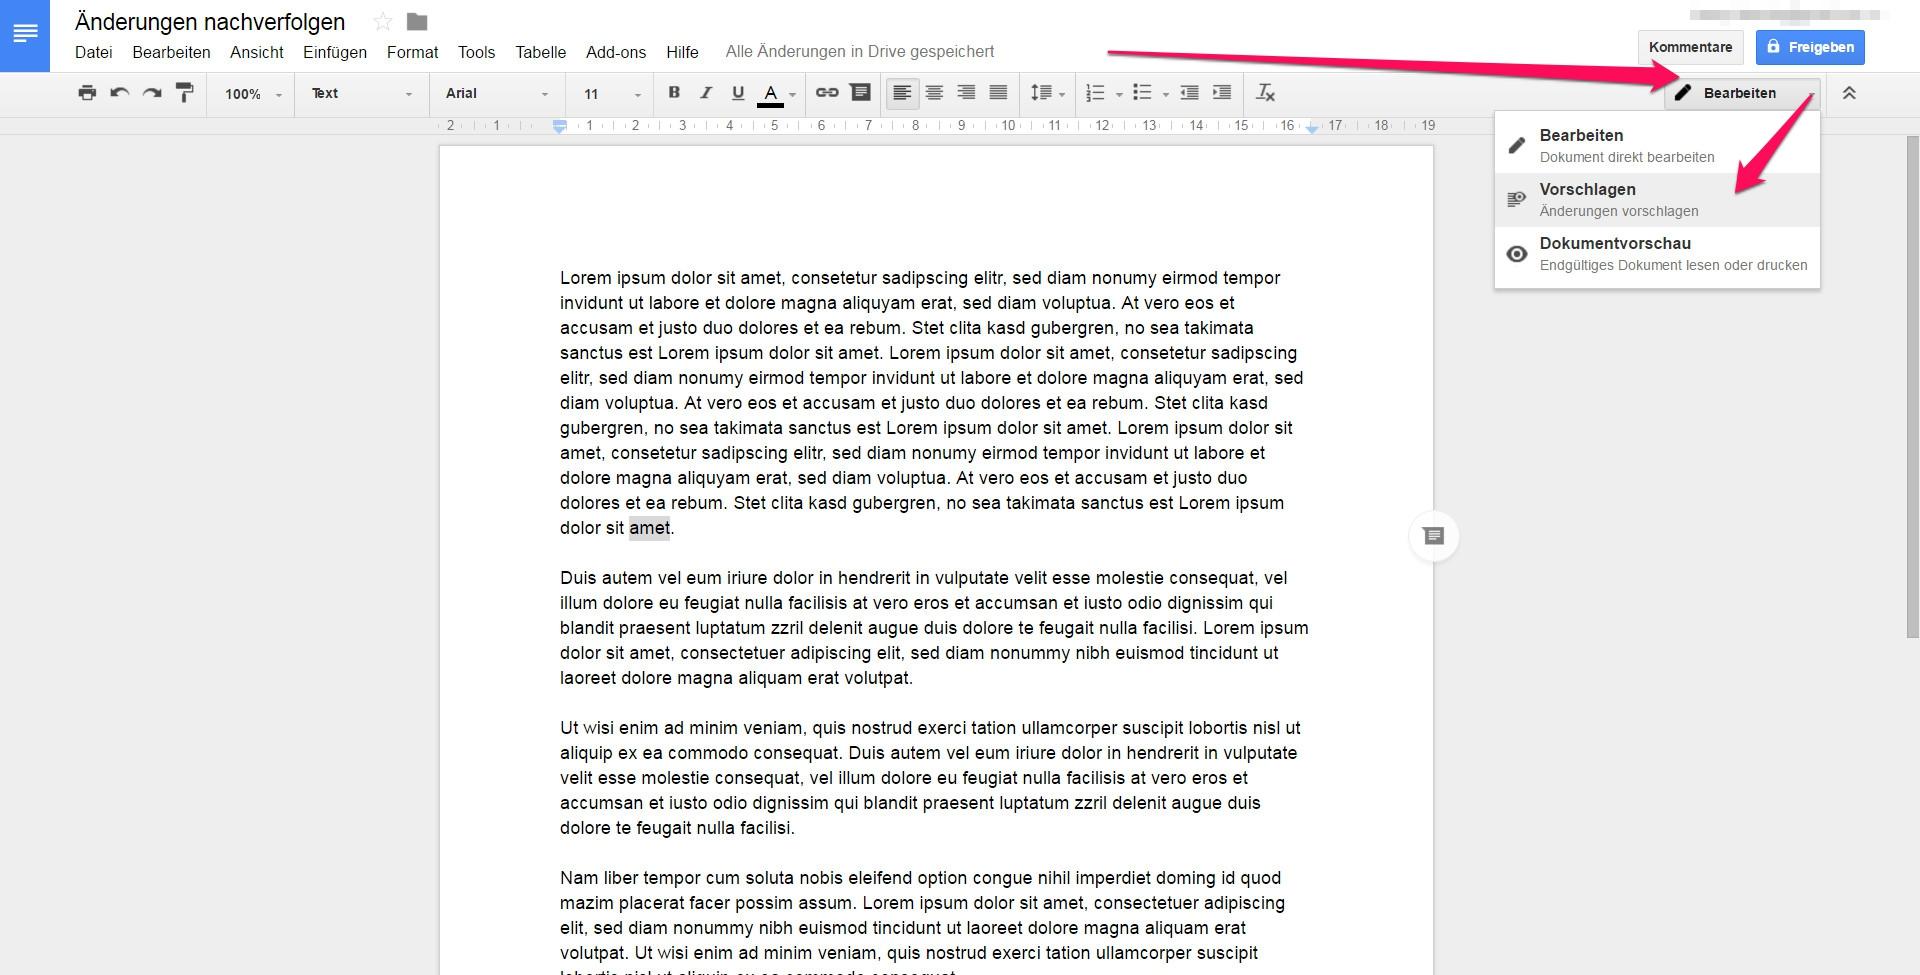 Das Nachverfolgen von Änderungen muss in Google Docs aktiviert werden (Bild: Screenshot).